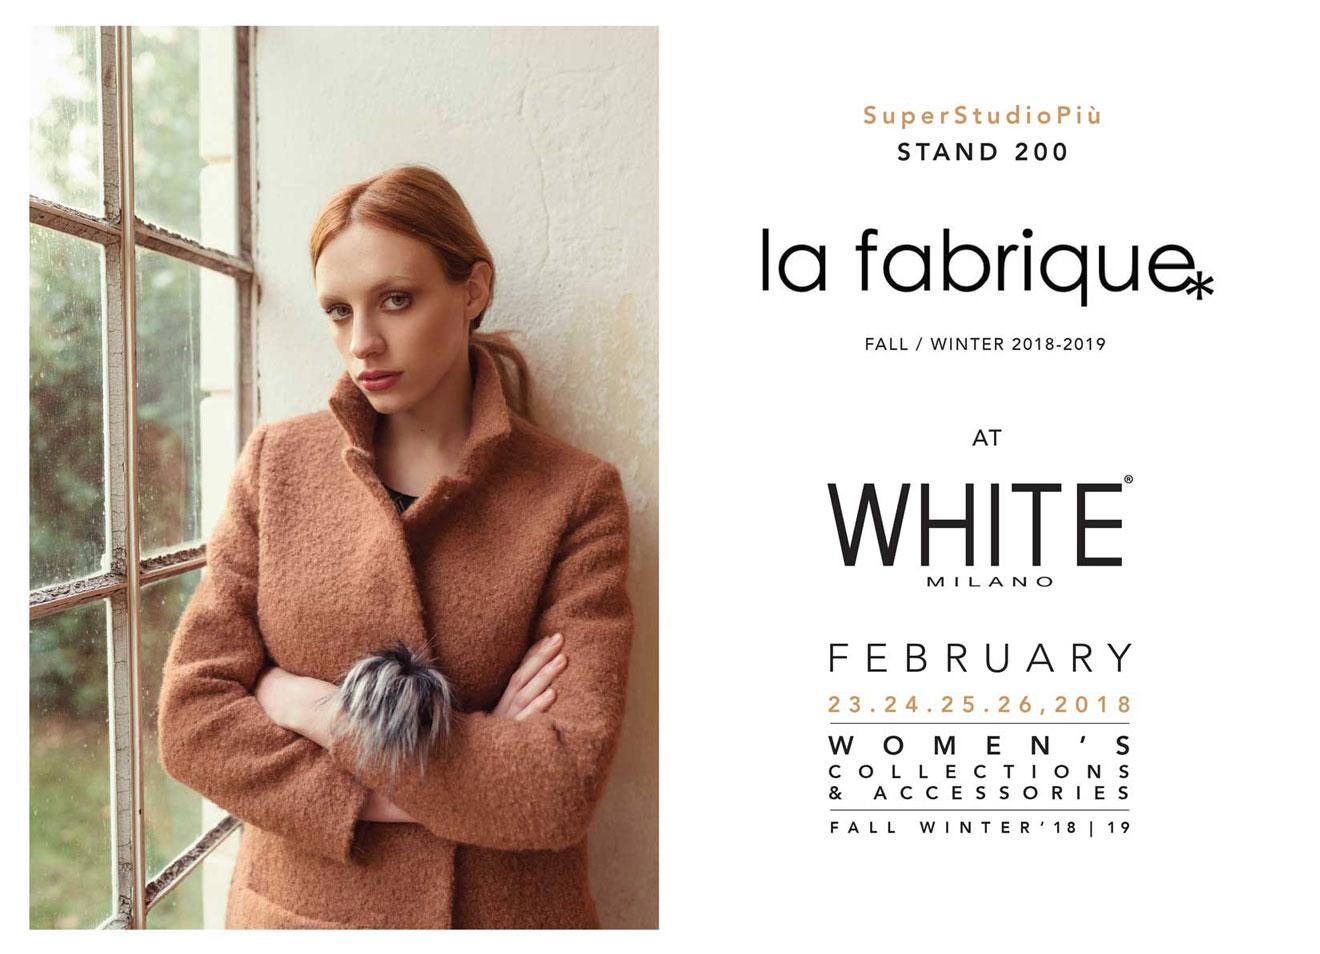 La Fabrique at White Milano 2018